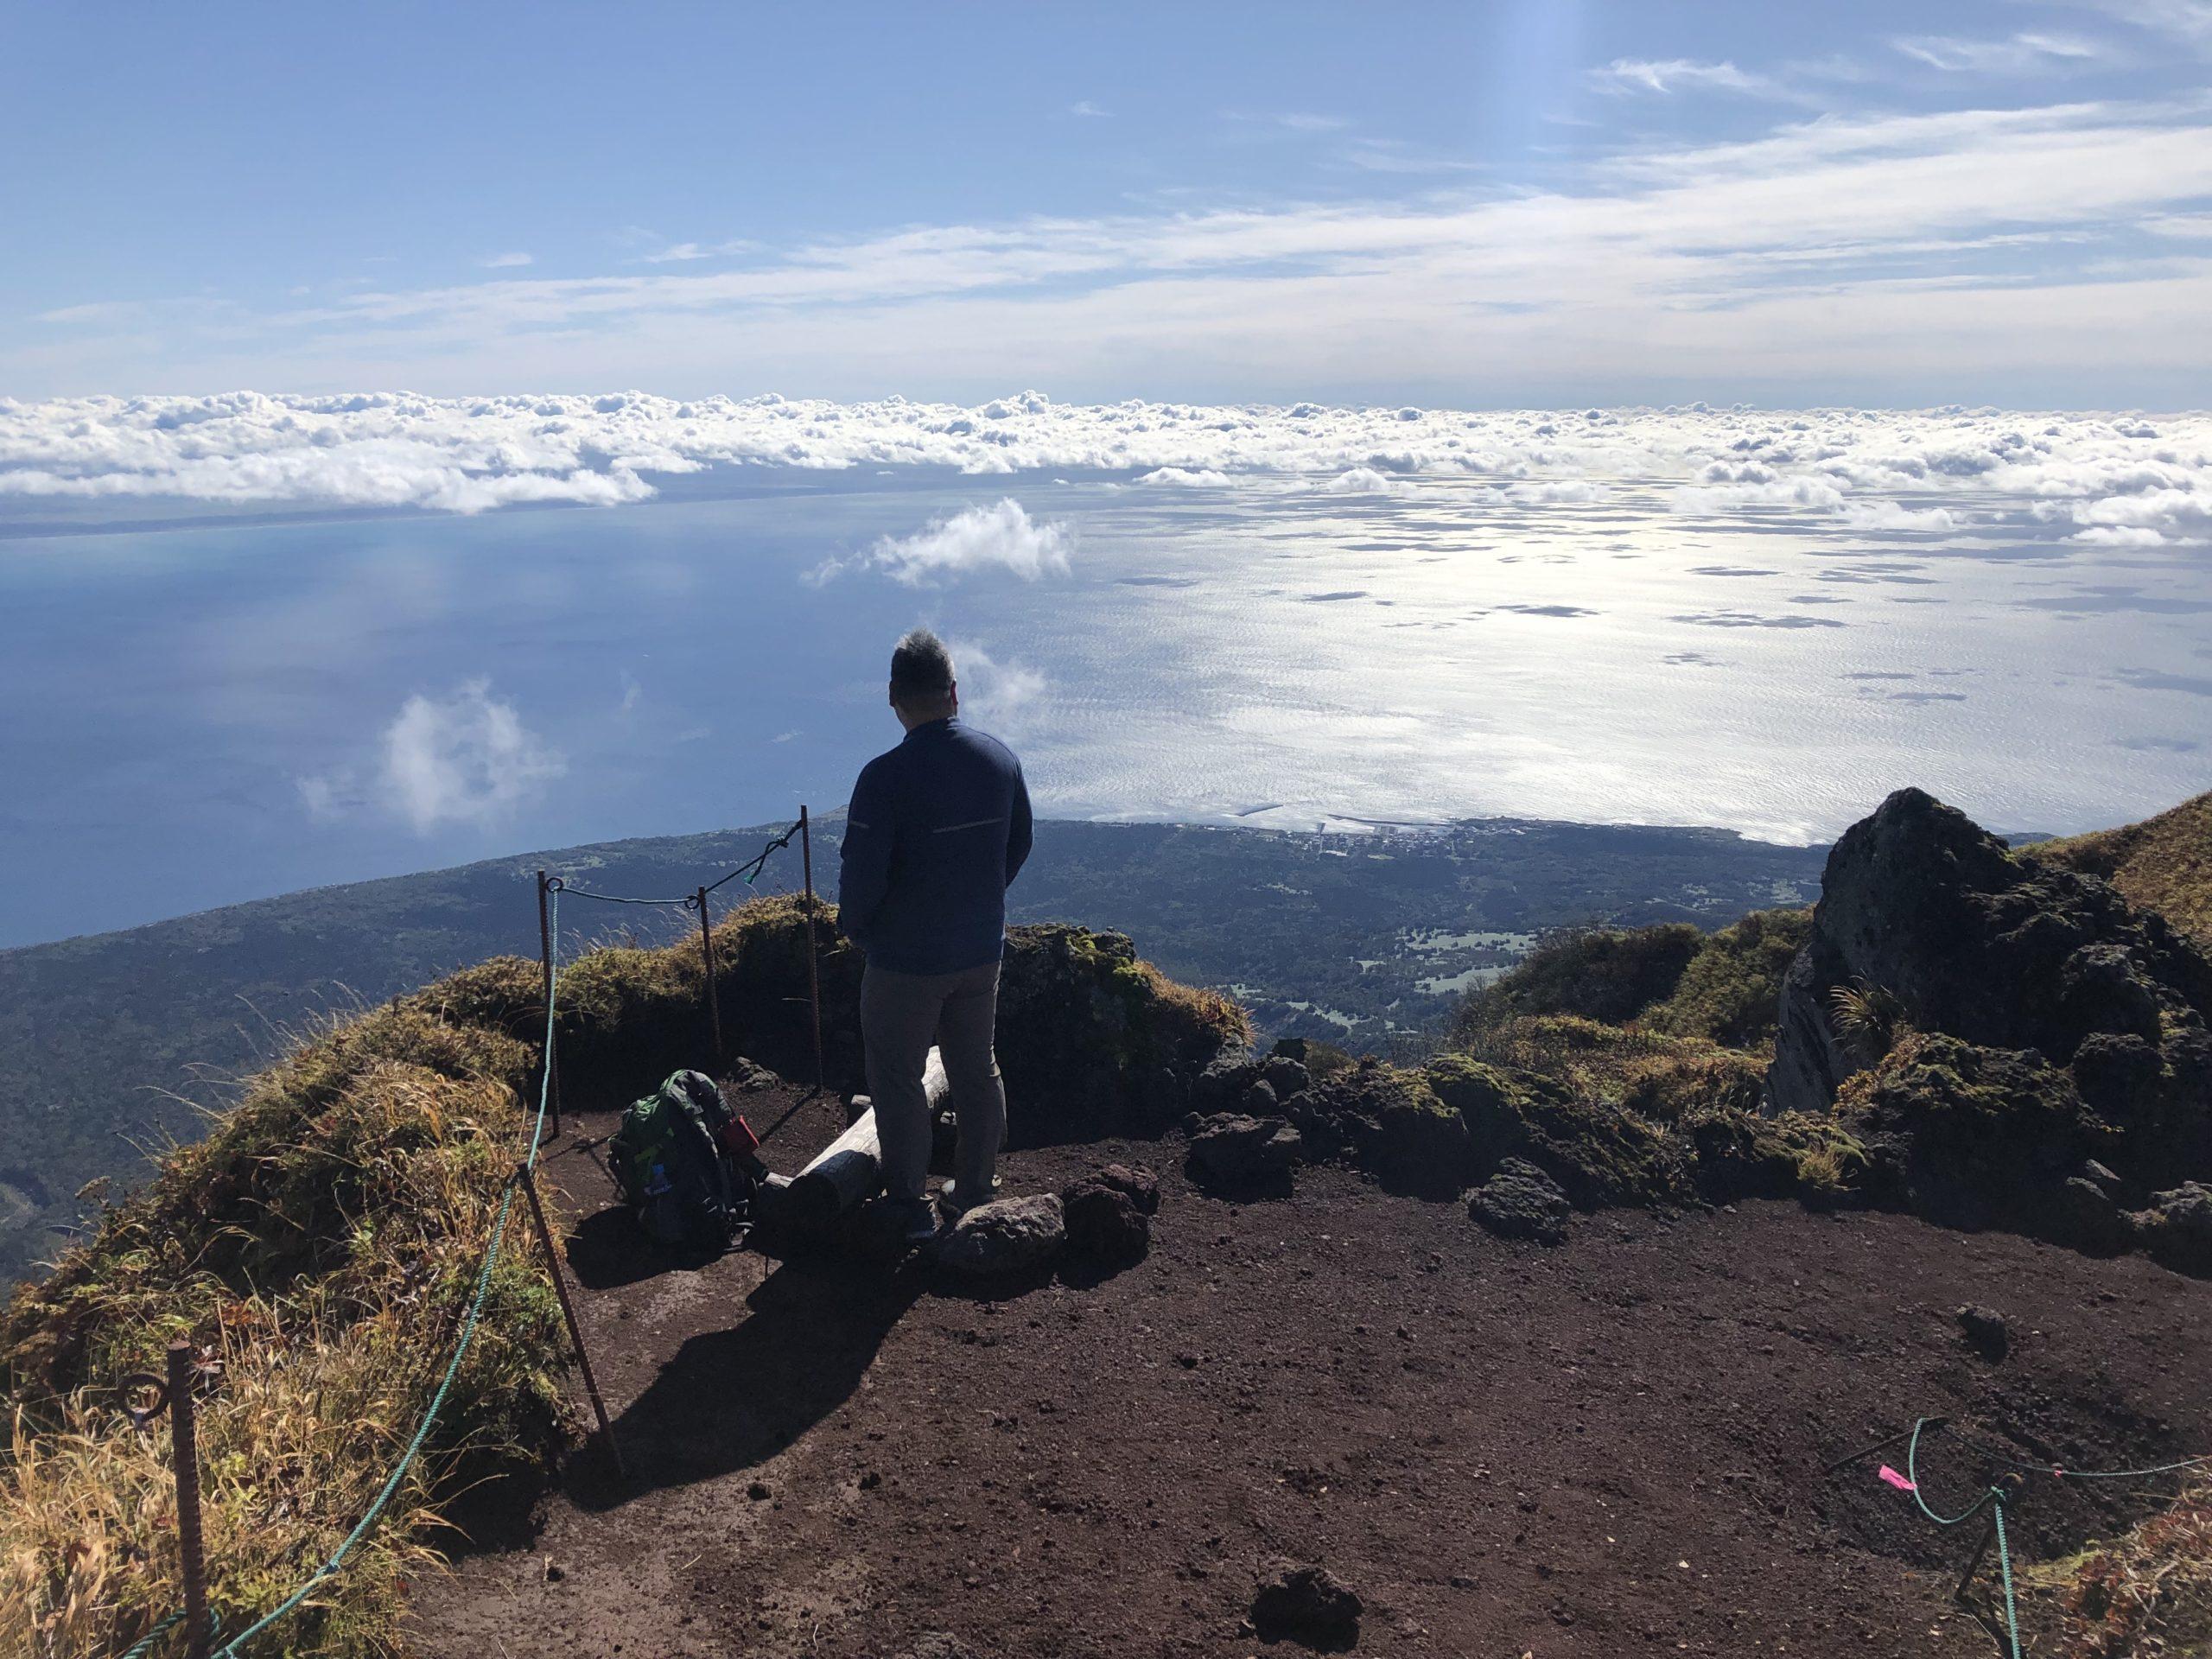 利尻富士・観光ホテル・登山レビュー【標高1,721mから眺める360度のオーシャンビュー】 | Furublog